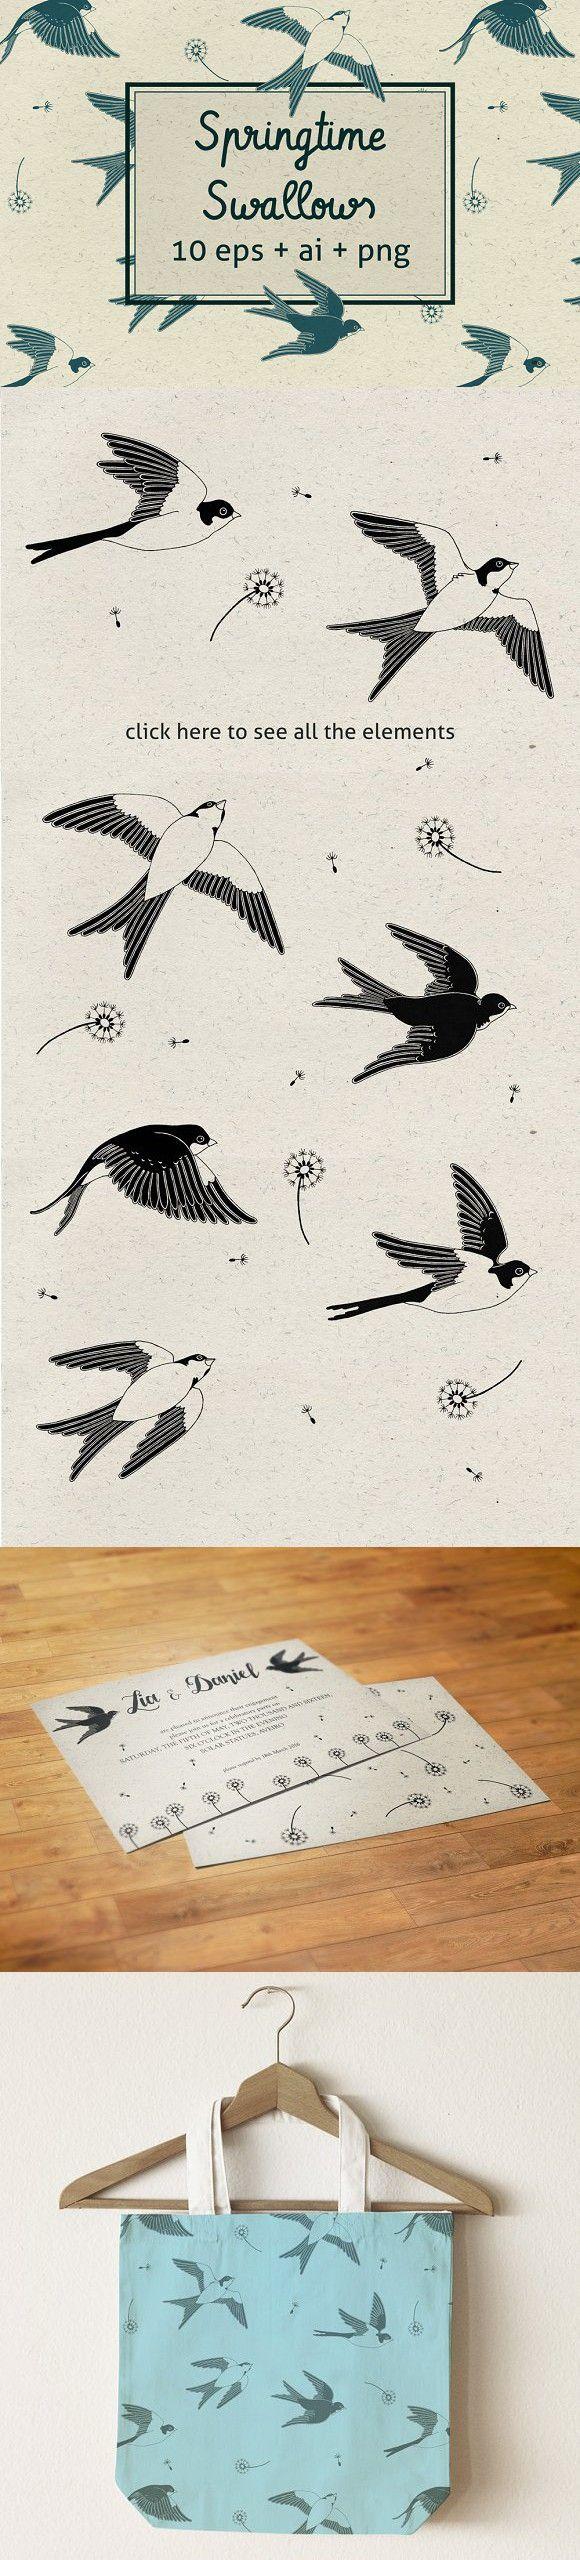 Springtime Swallows. Wedding Card Templates